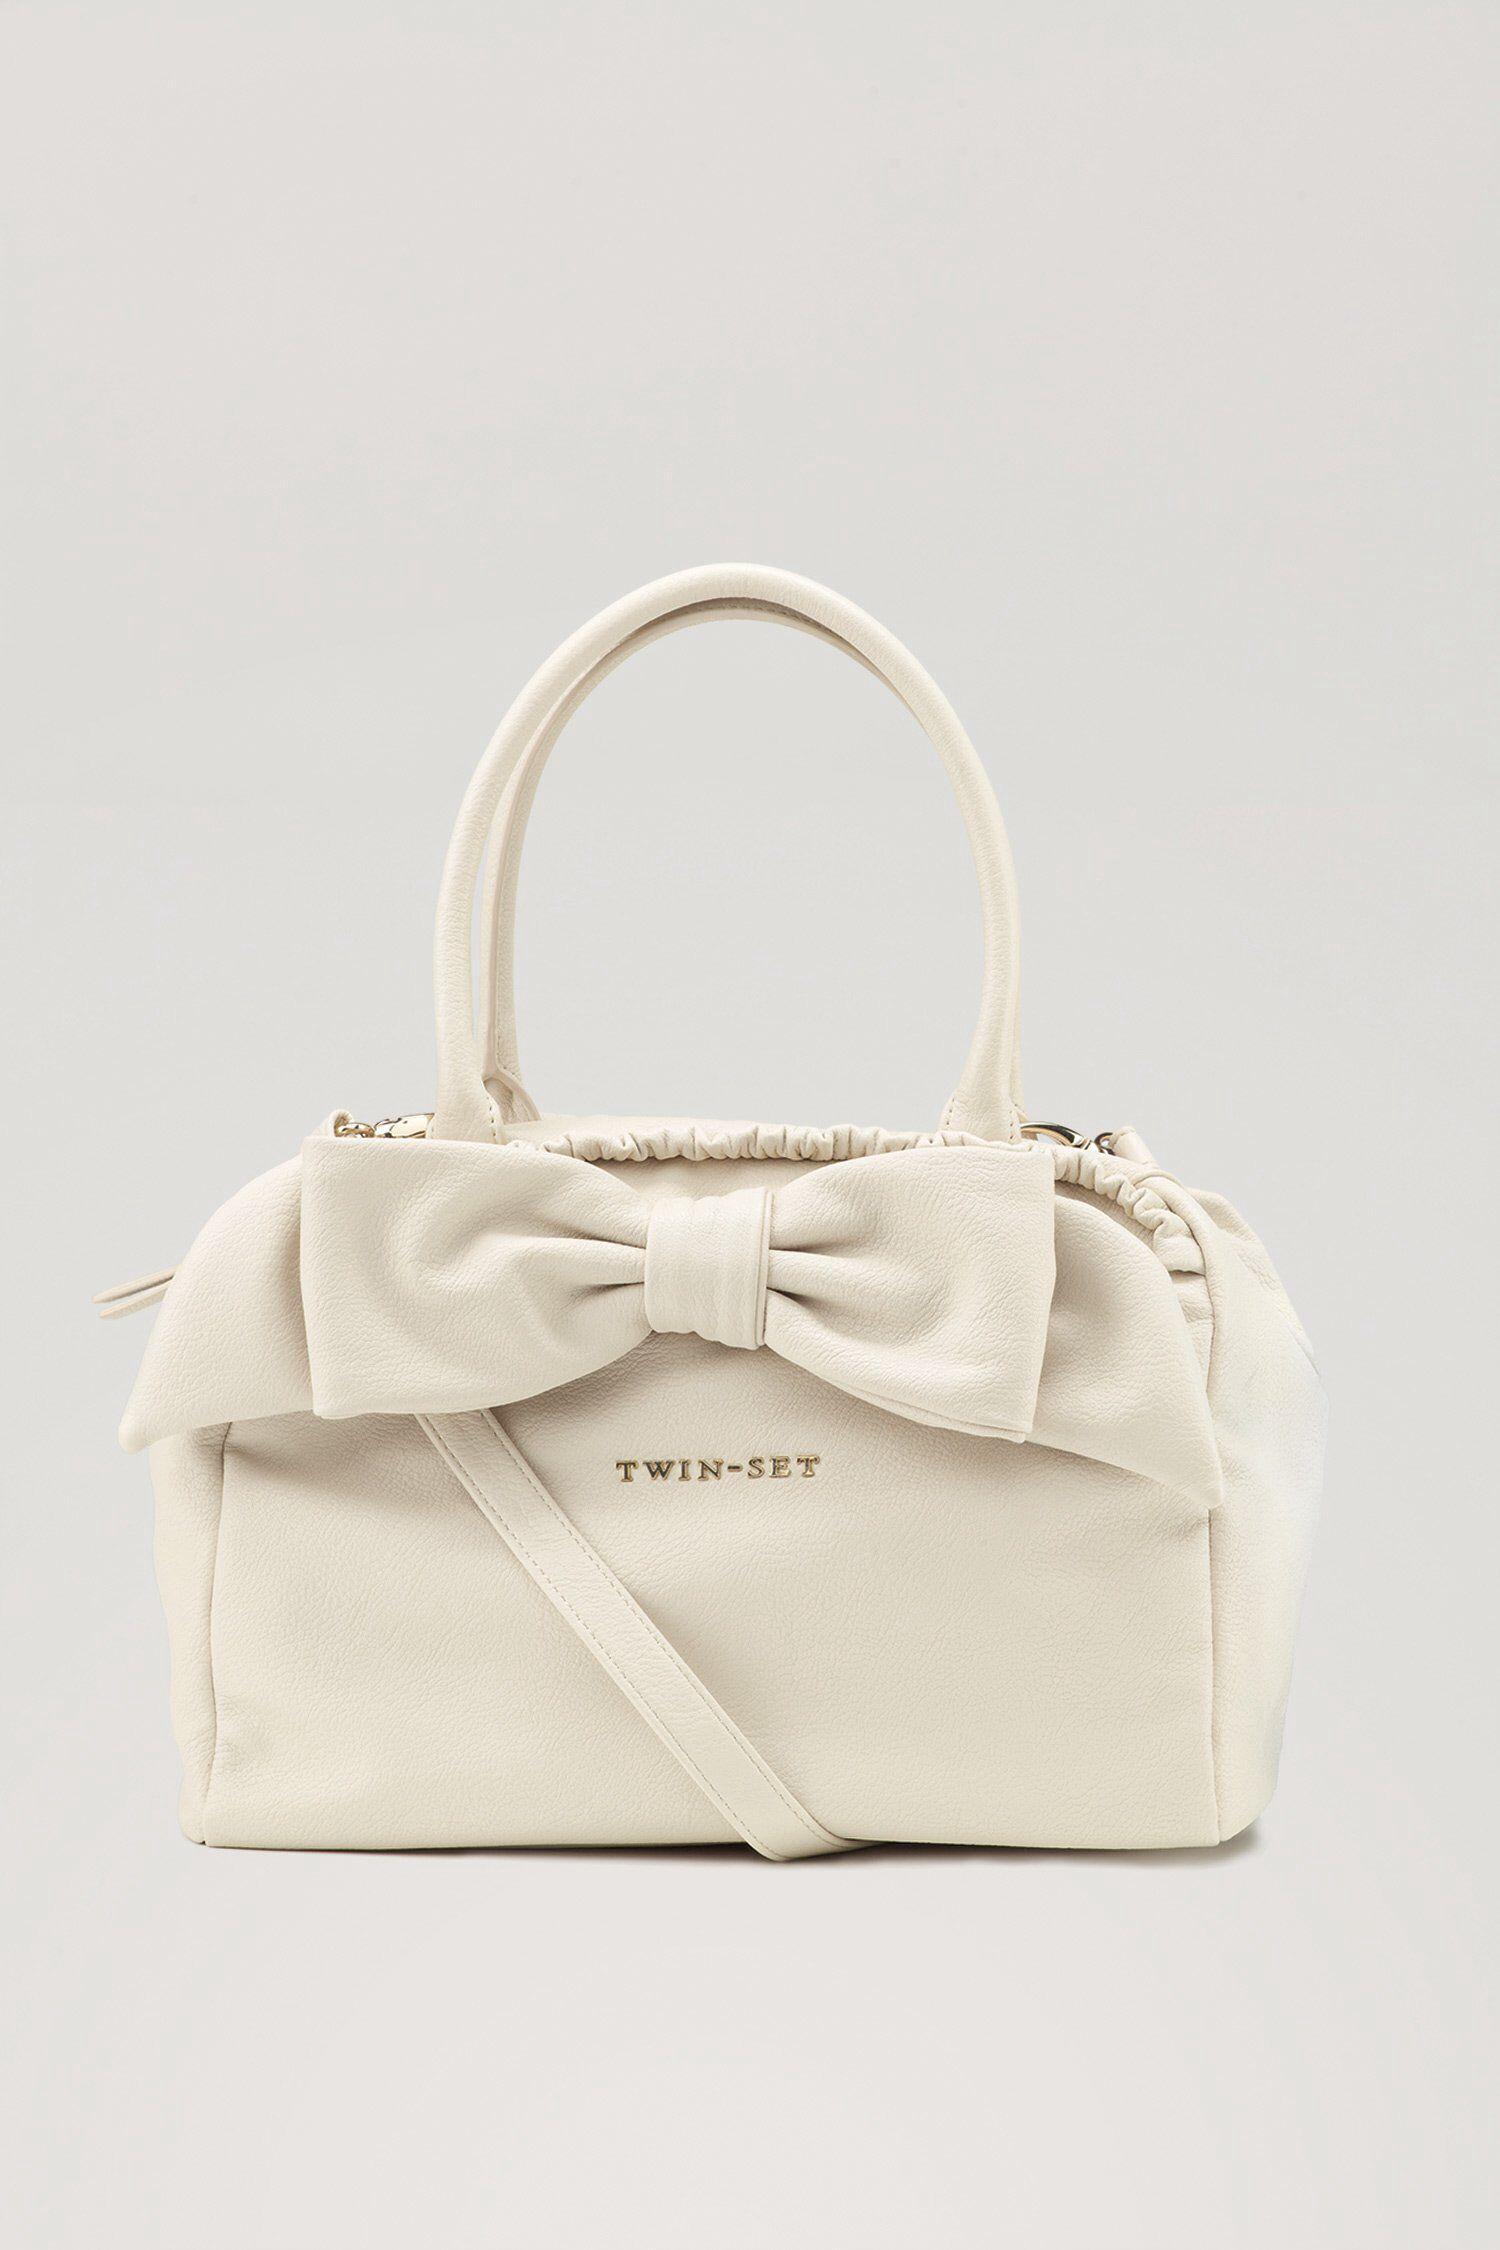 11c6c85778 Collezione borse Twin Set 2013 2014 FOTO #twinset #borse #bags #purses #